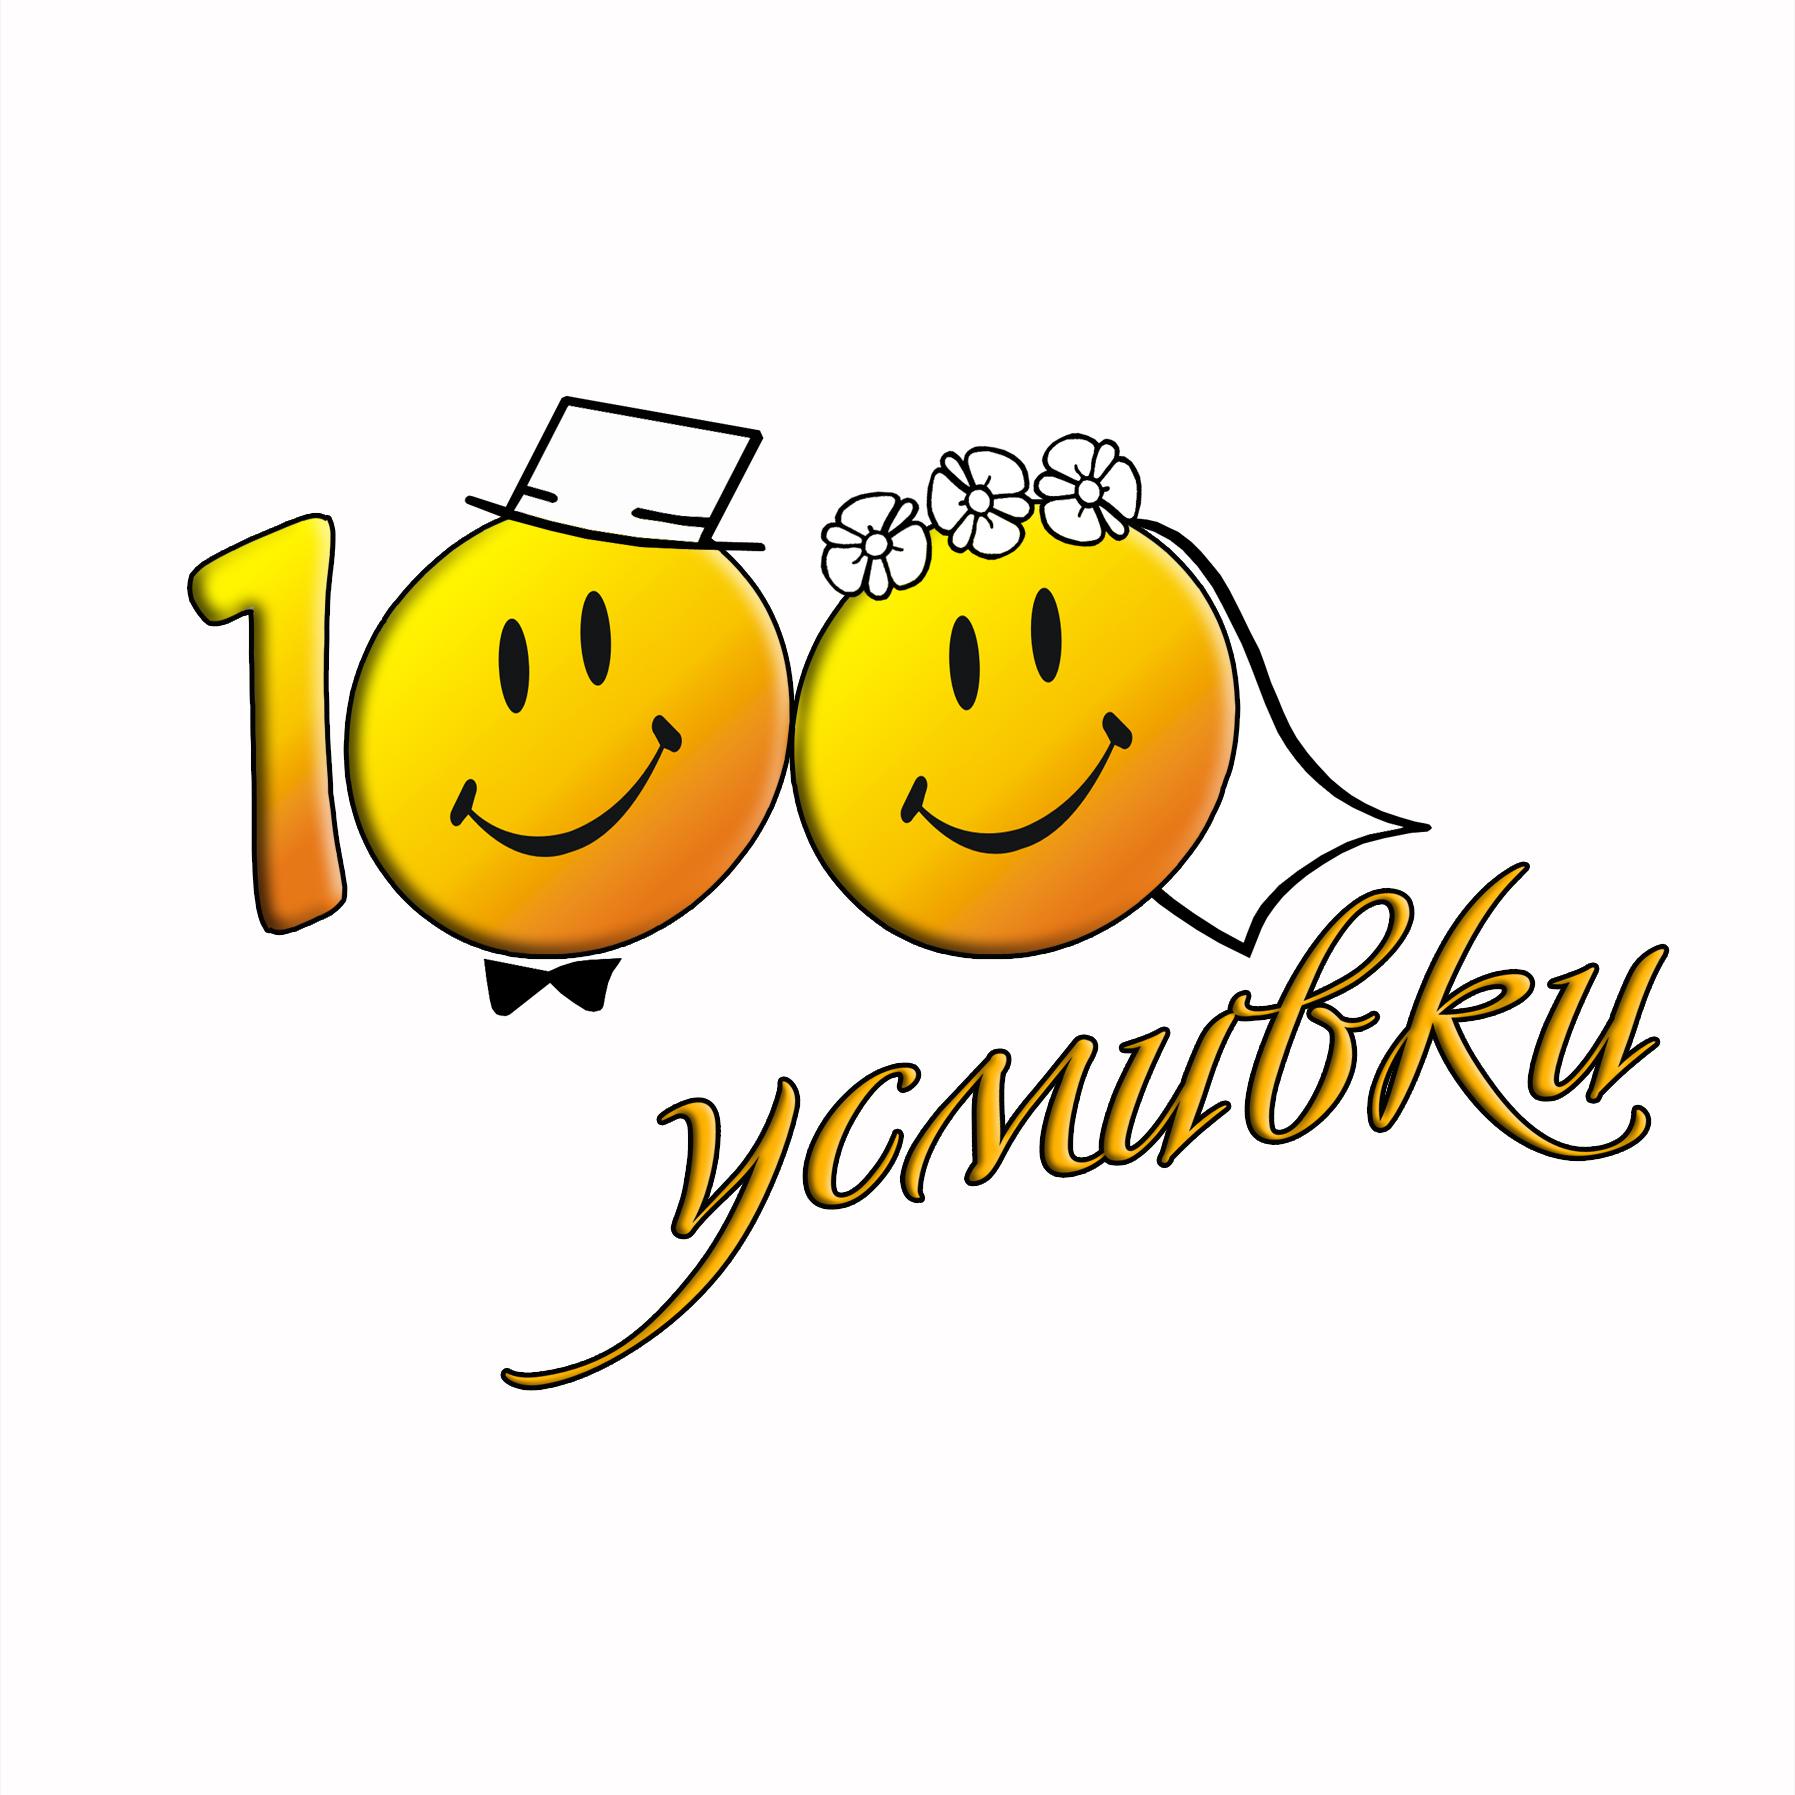 100usmivki.com